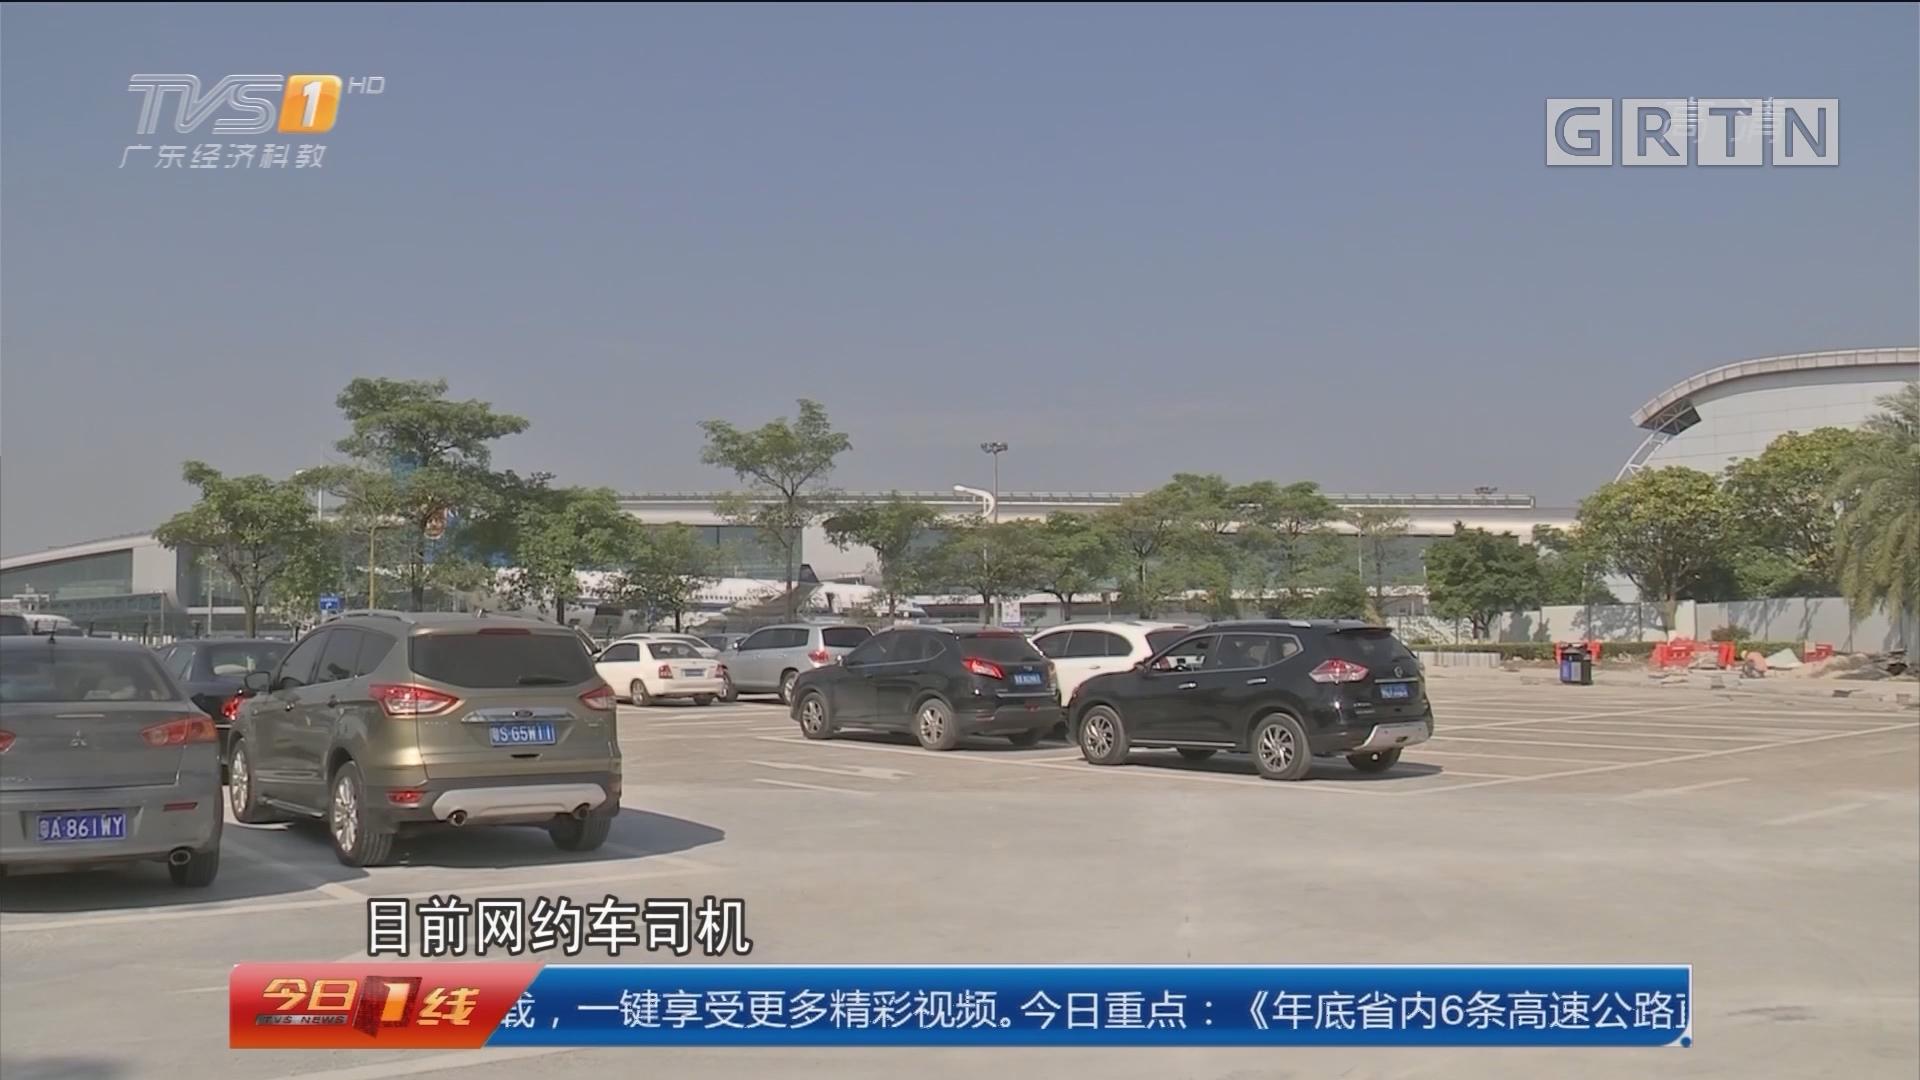 """网约车新政满""""周岁"""":广州新政严管 大量司机退出行业"""